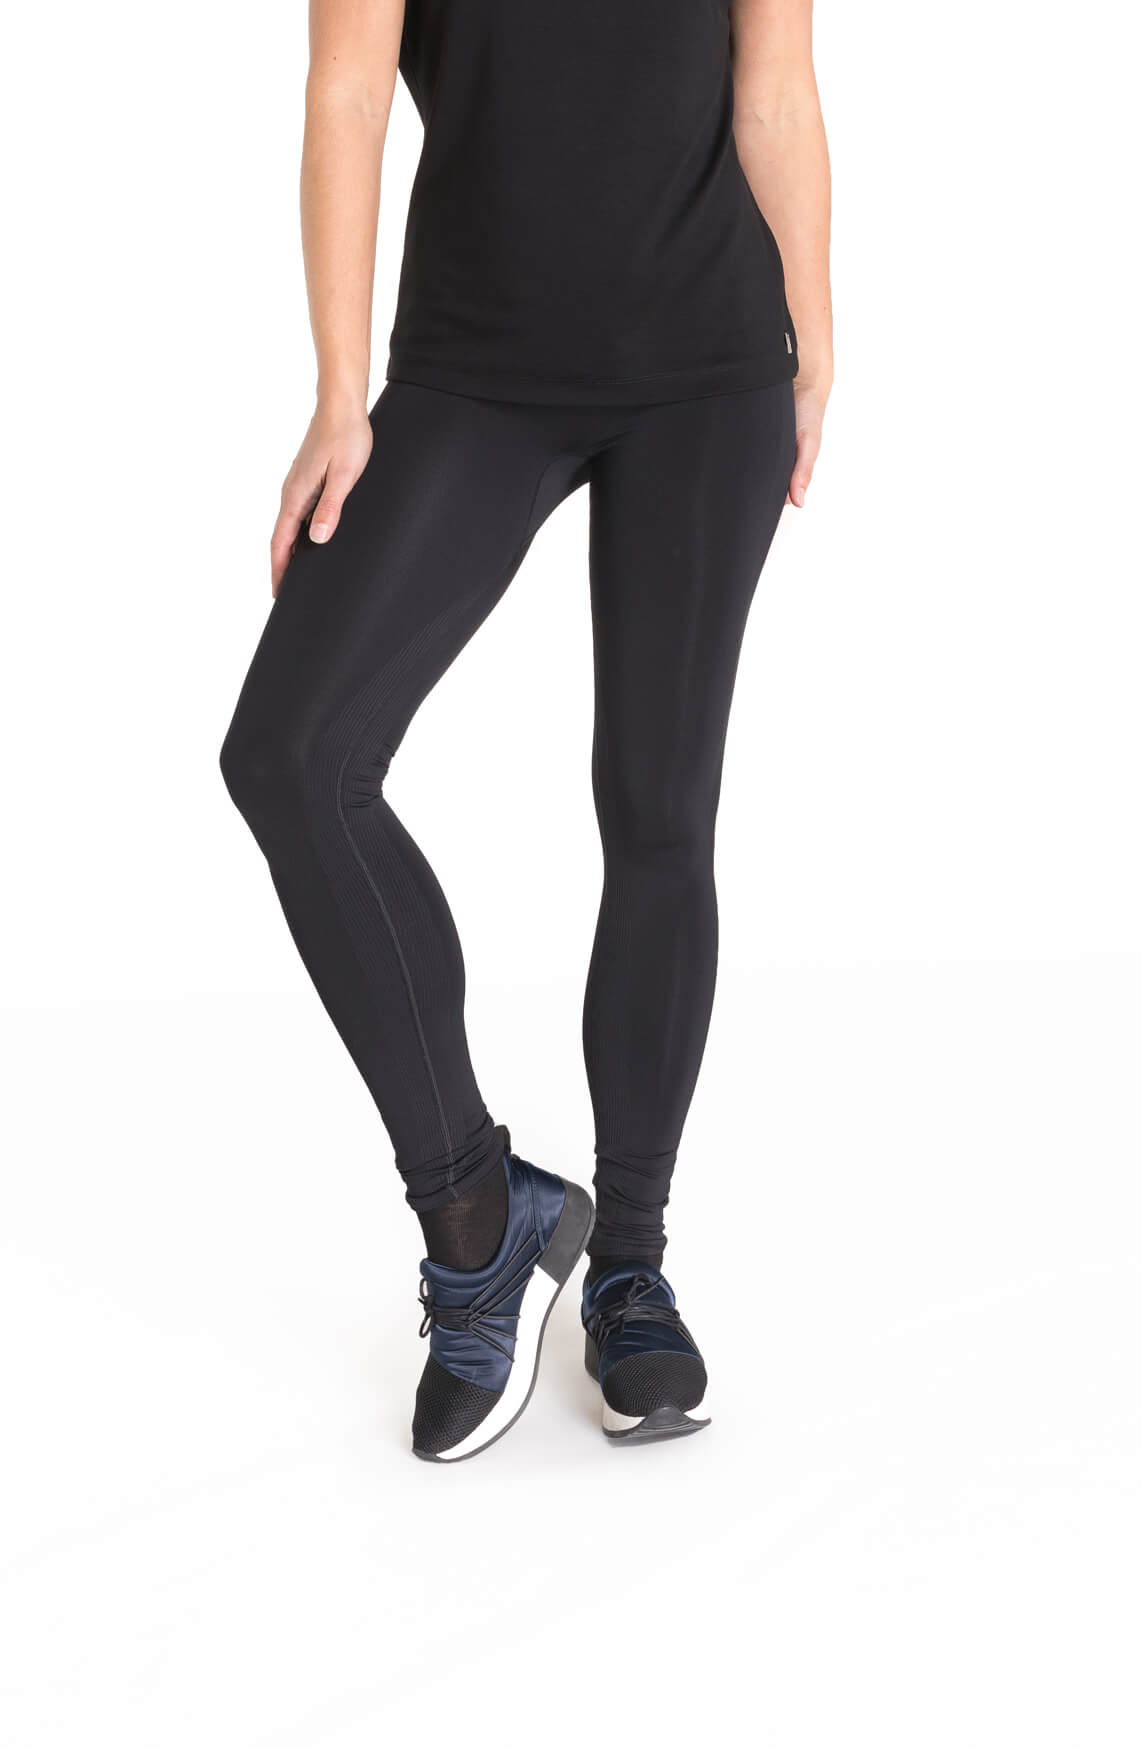 e463e05a52077e Anna Dames Seamless legging zwart. Van Anna. Previous